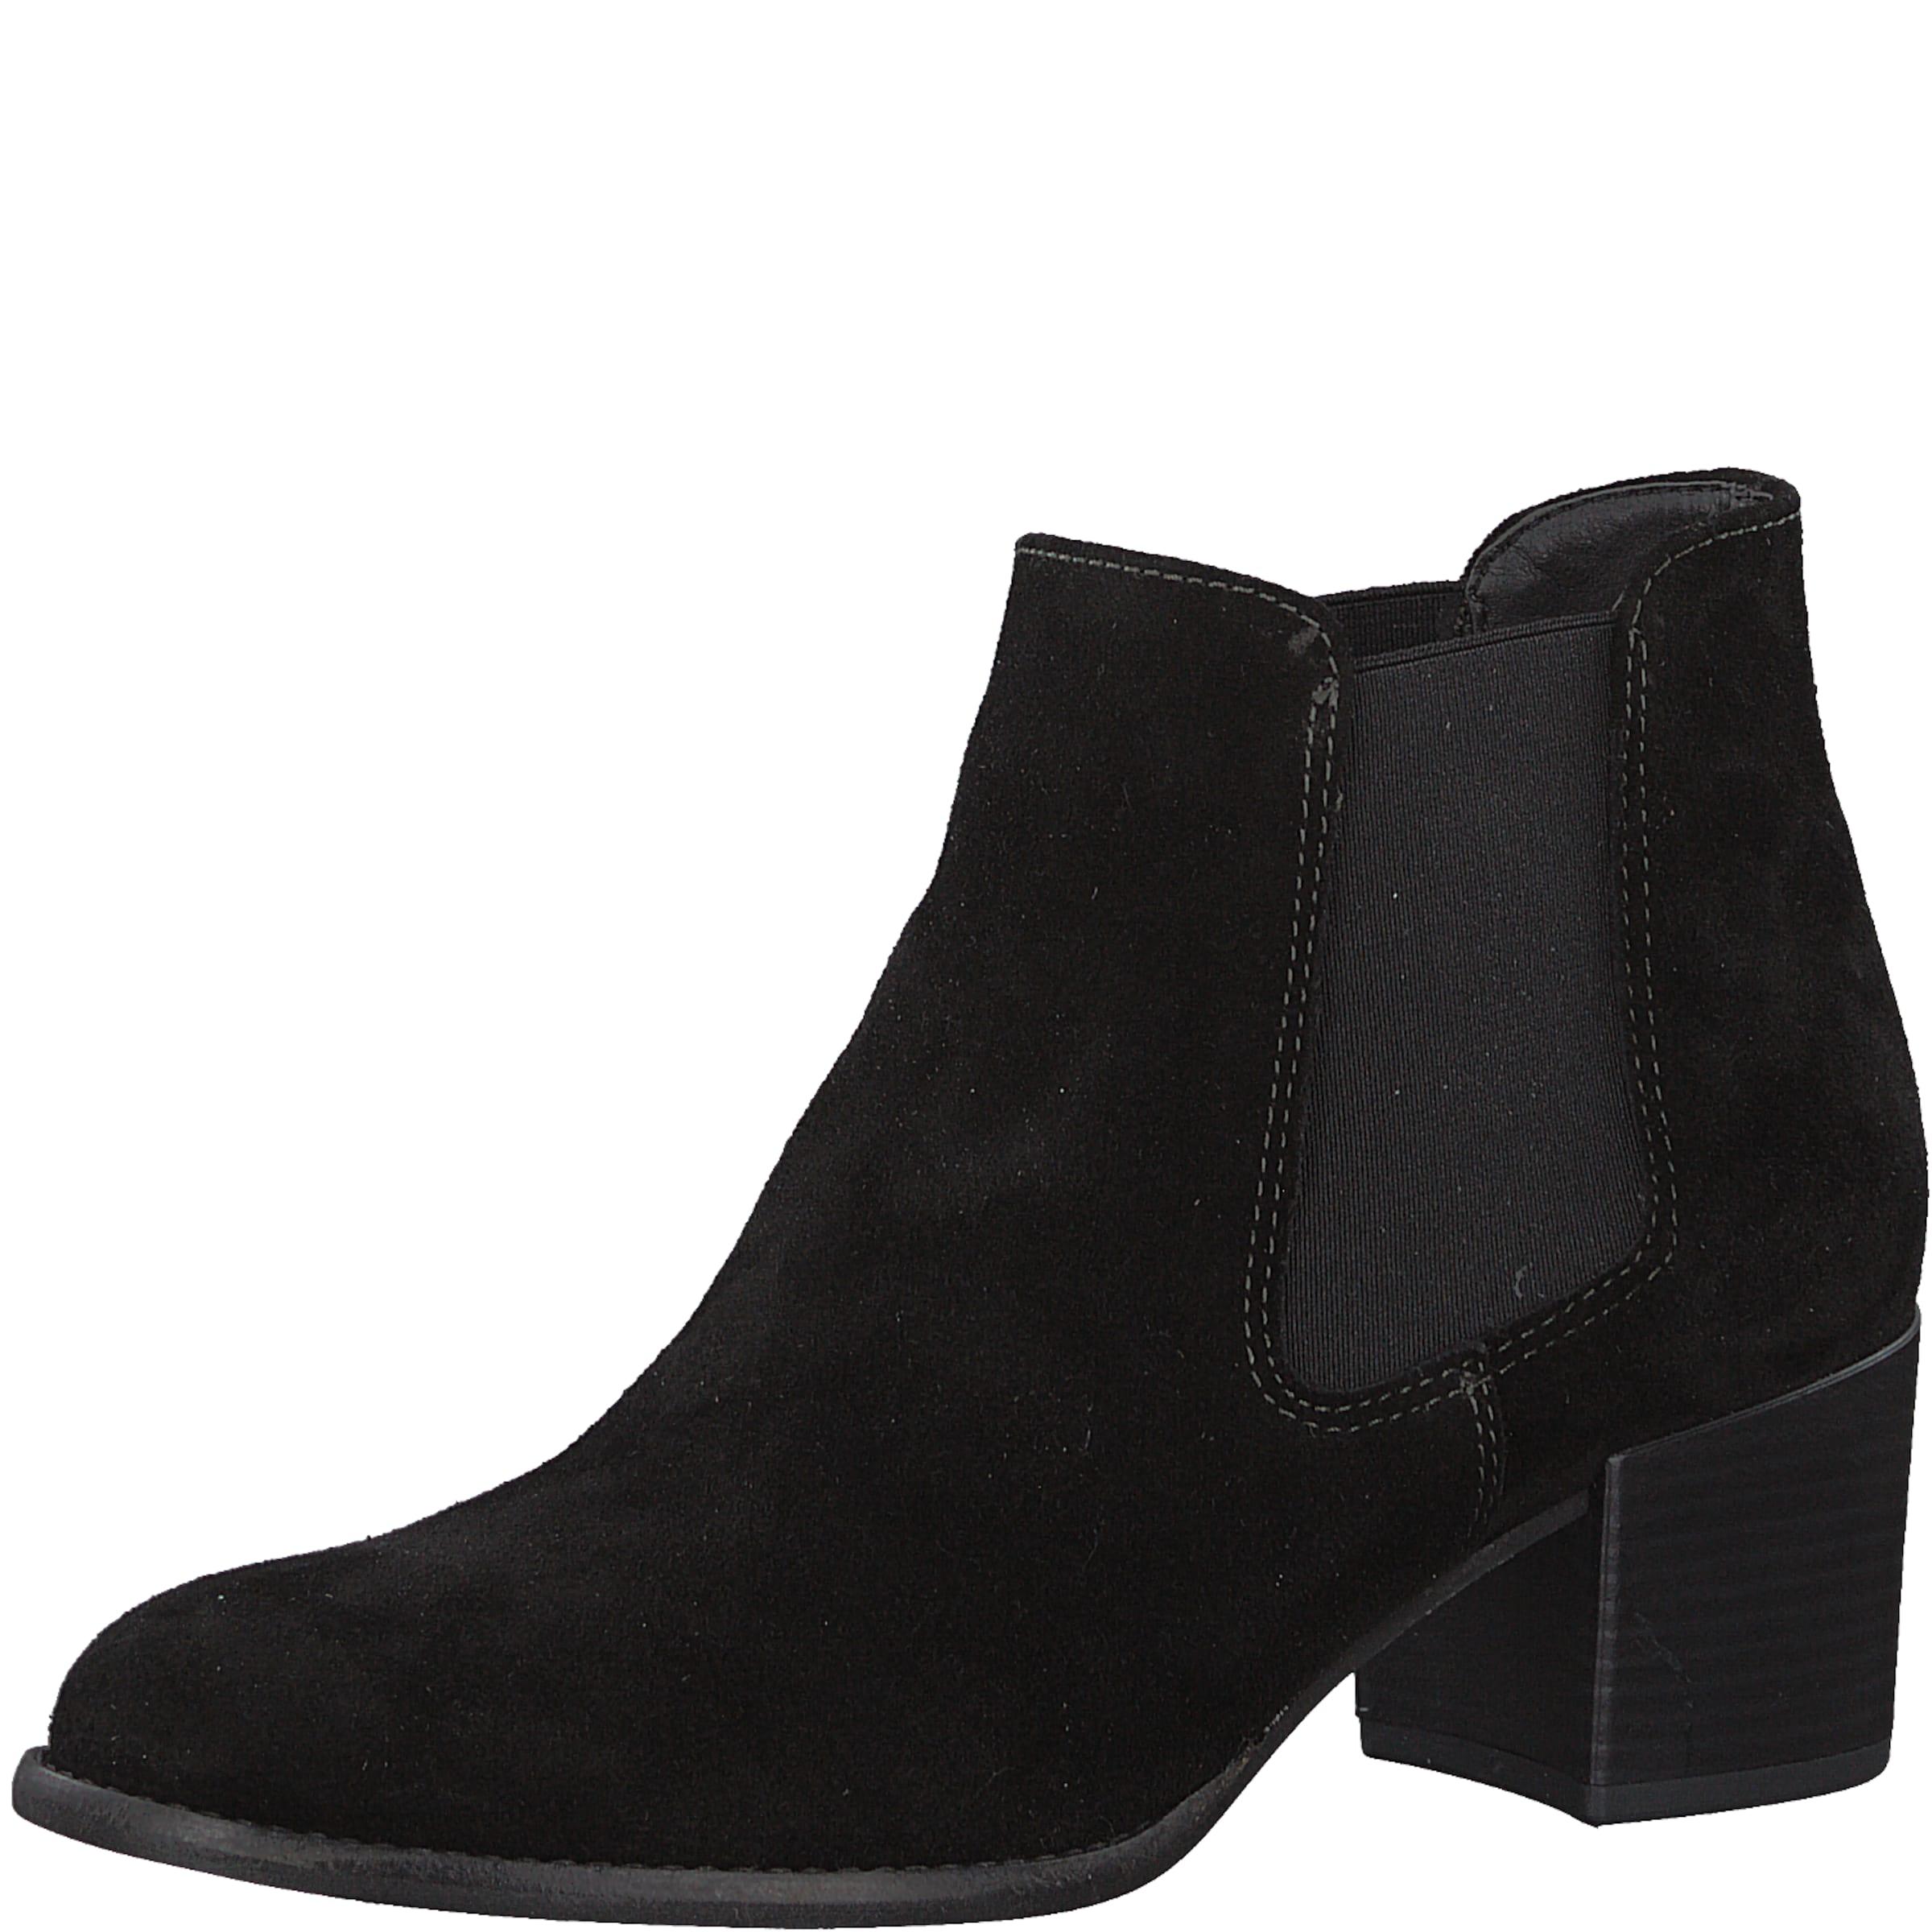 TAMARIS Chelsea-Stiefelette Verschleißfeste billige Schuhe Hohe Qualität